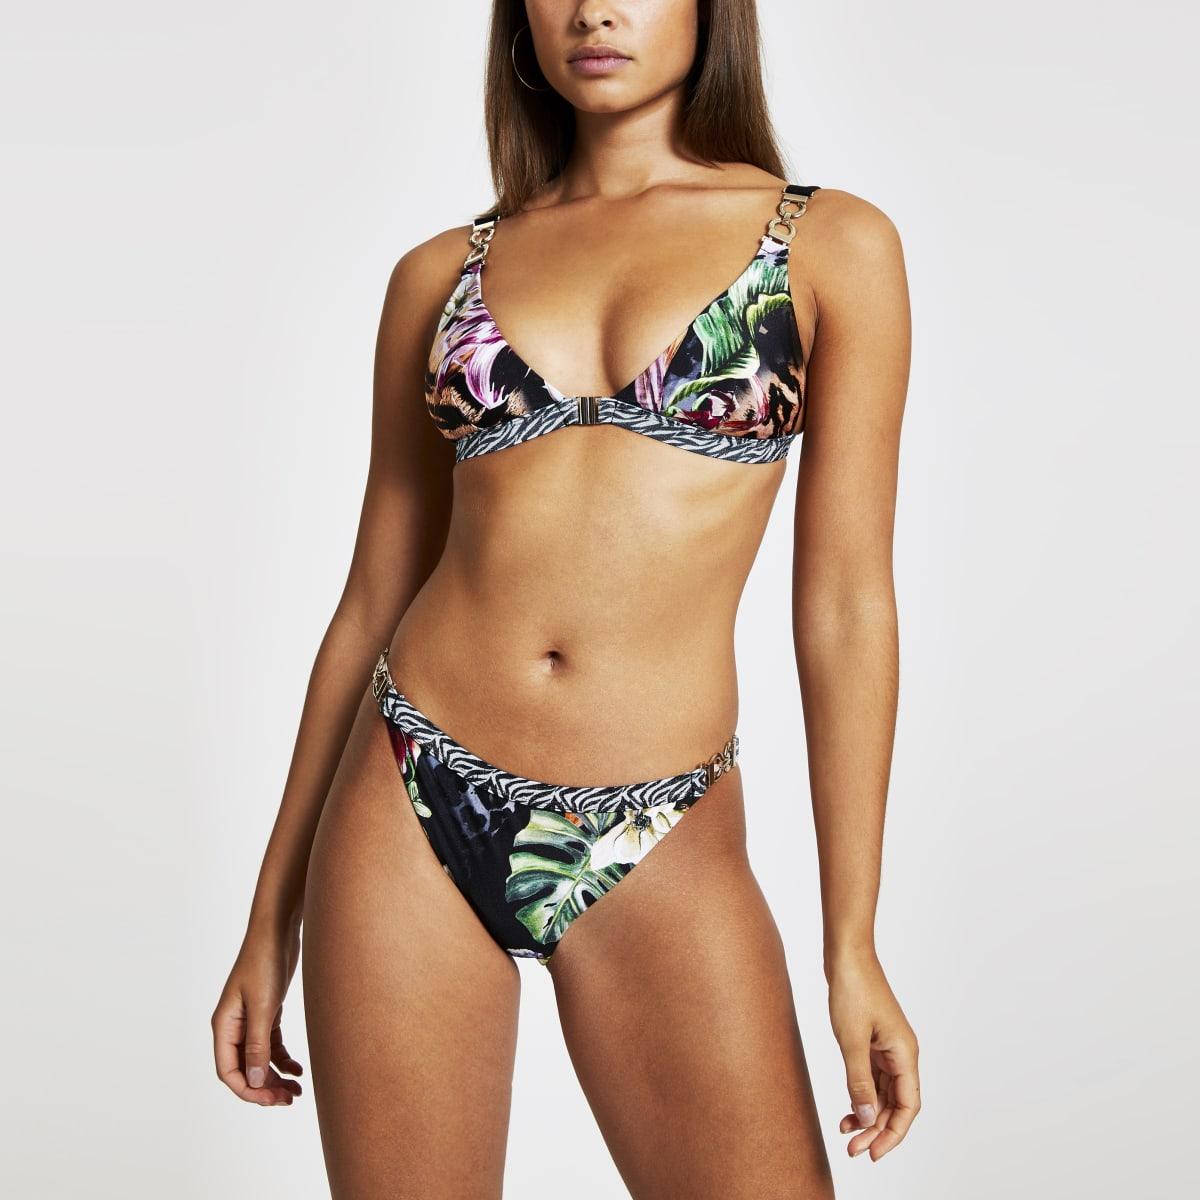 Bas de bikini imprimé jungle noir échancré